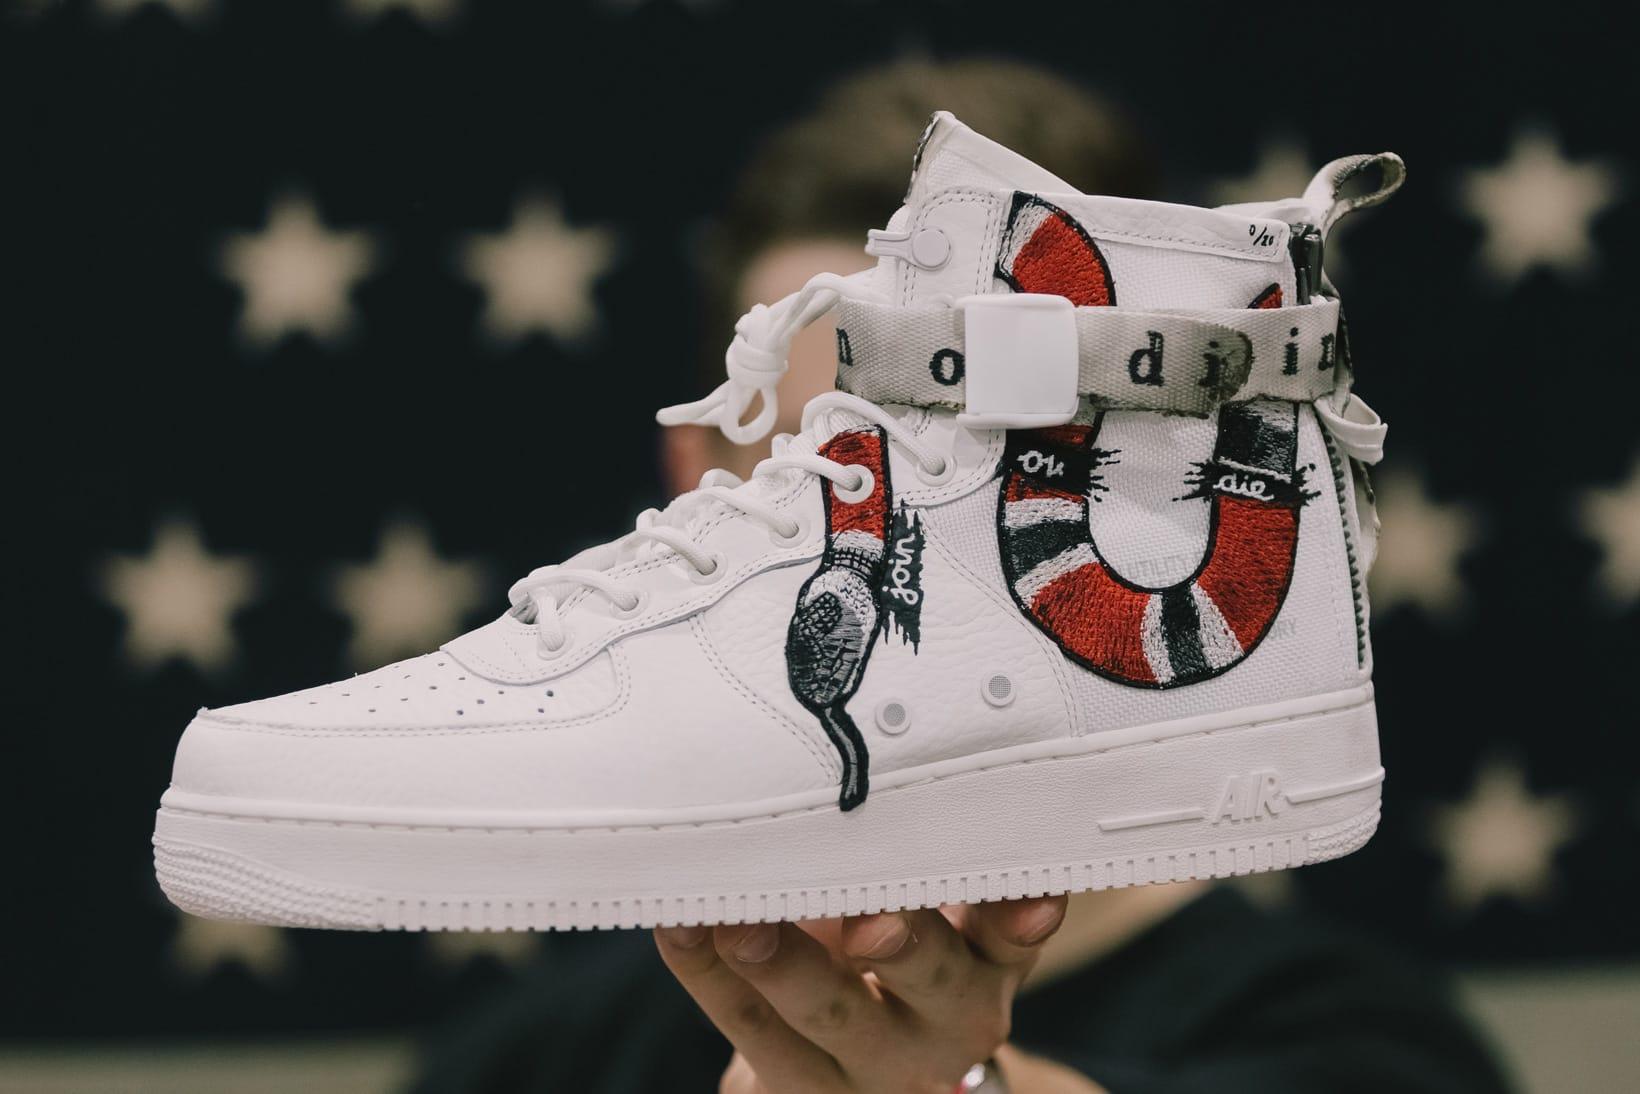 Nike SF-AF1 Join or Die Ceeze Custom